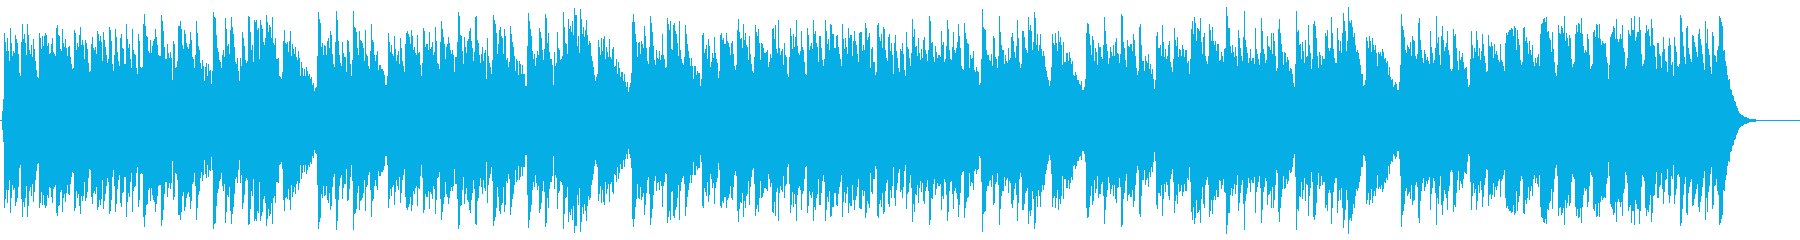 ハンプティダンプティ オルゴールの再生済みの波形